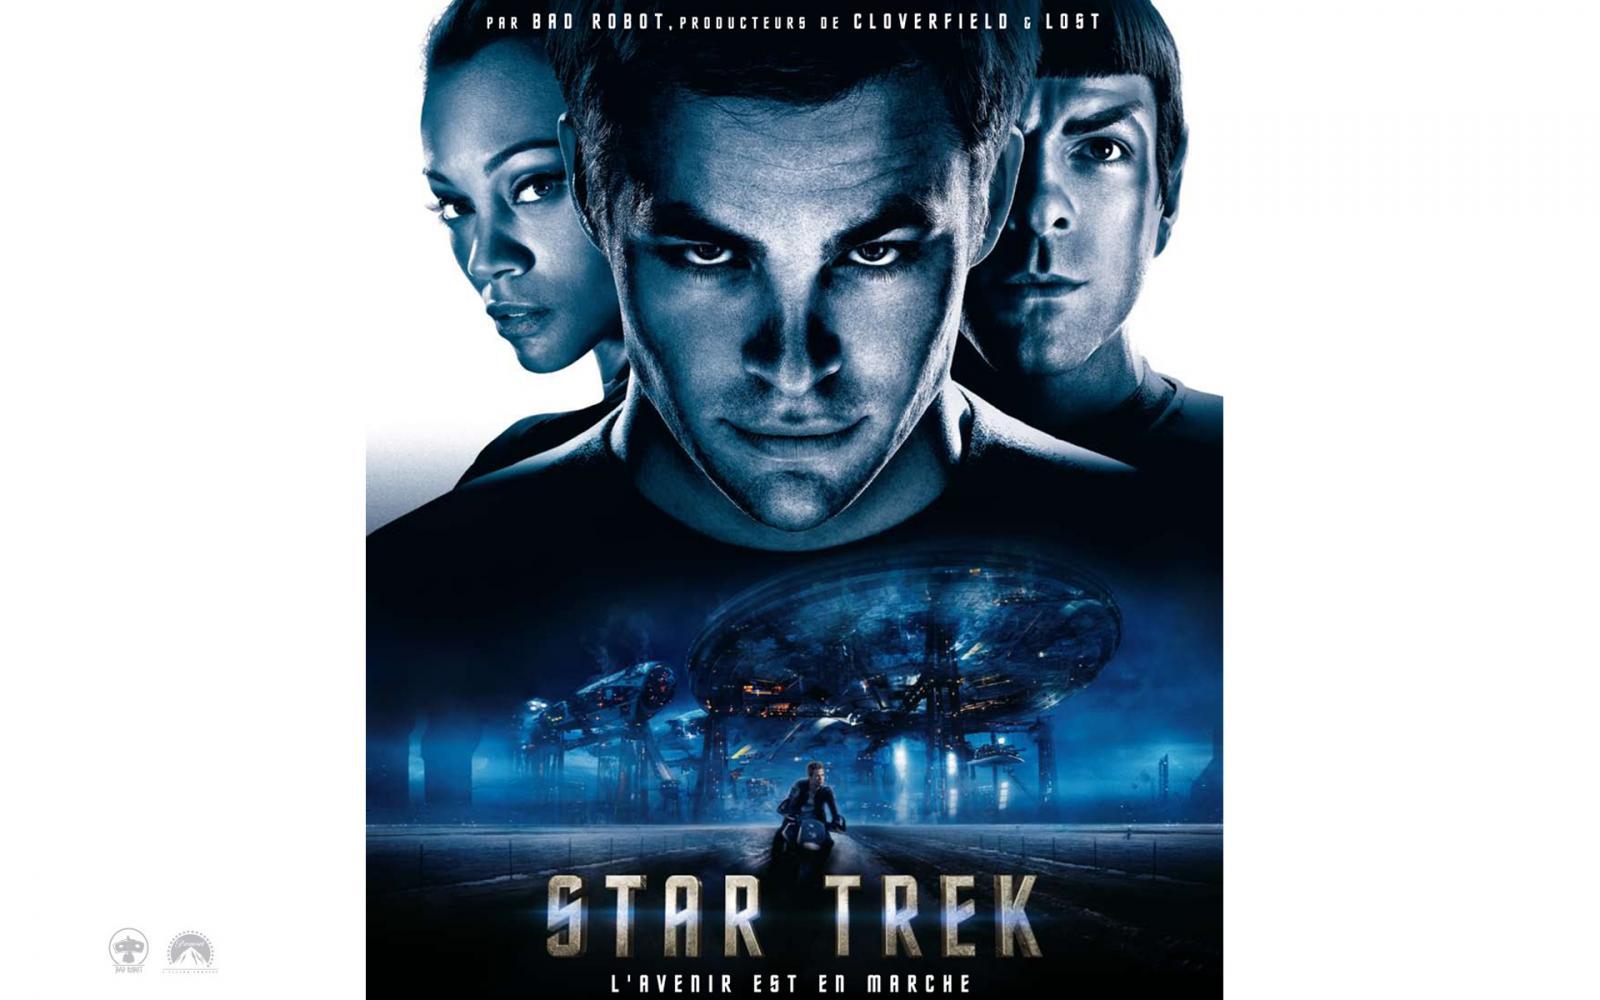 Wallpaper Star Trek Affiche du film